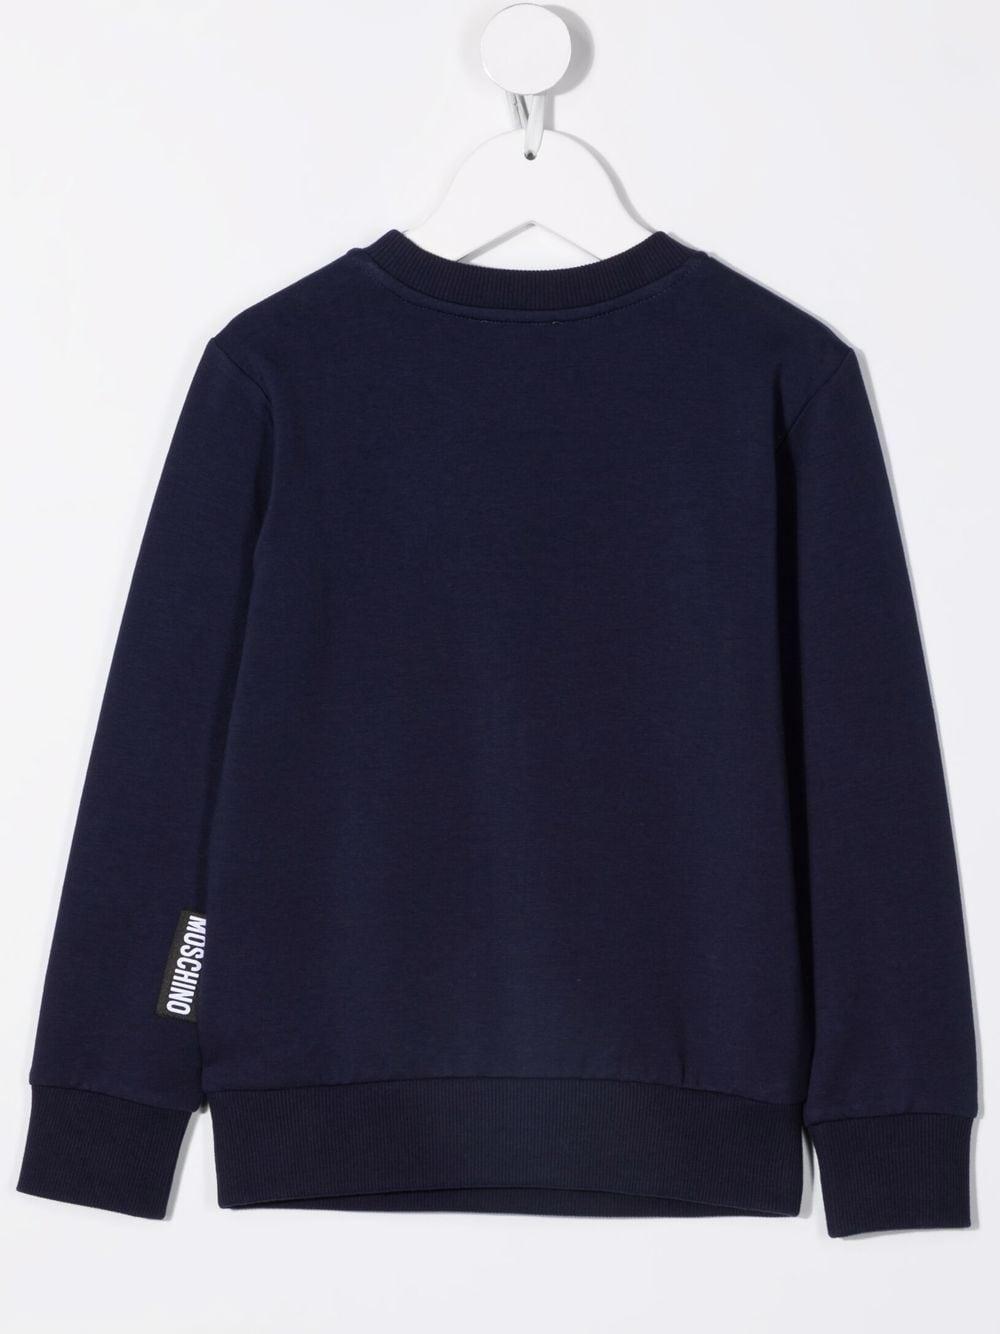 MOSCHINO KIDS   Sweatshirt   H6F039LDA1640016